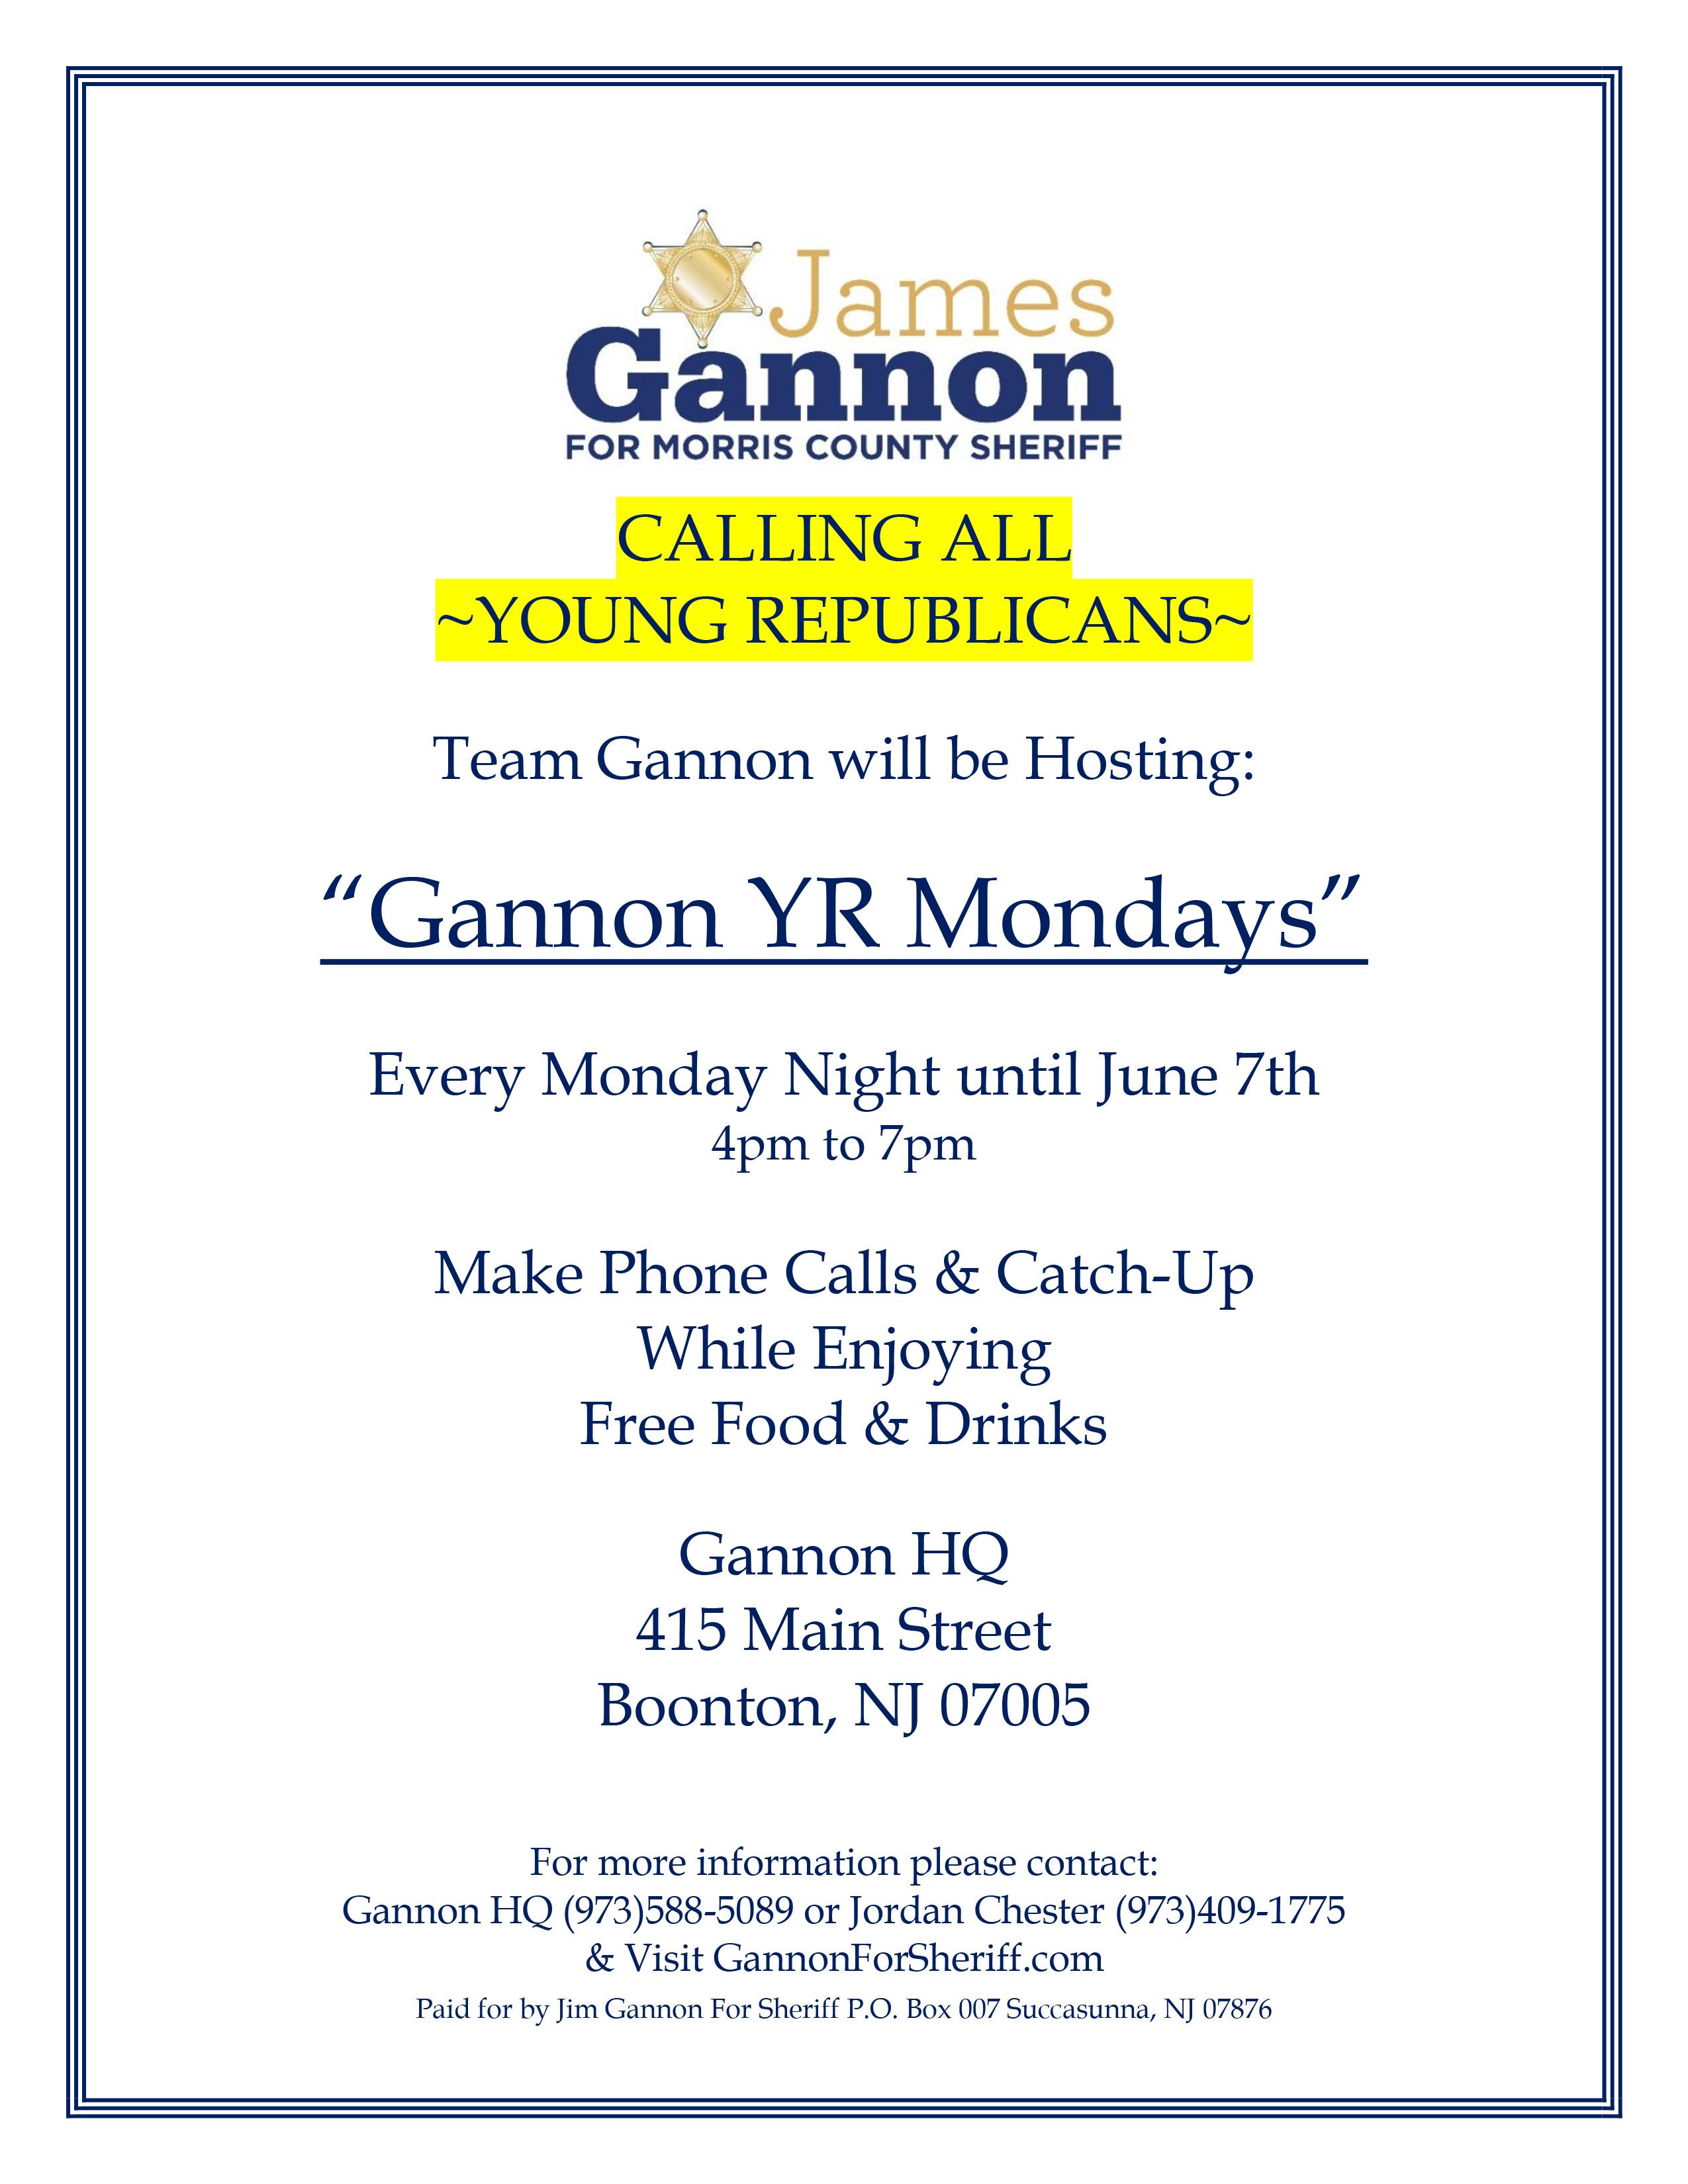 GANNON_YR__MONDAYS.jpg